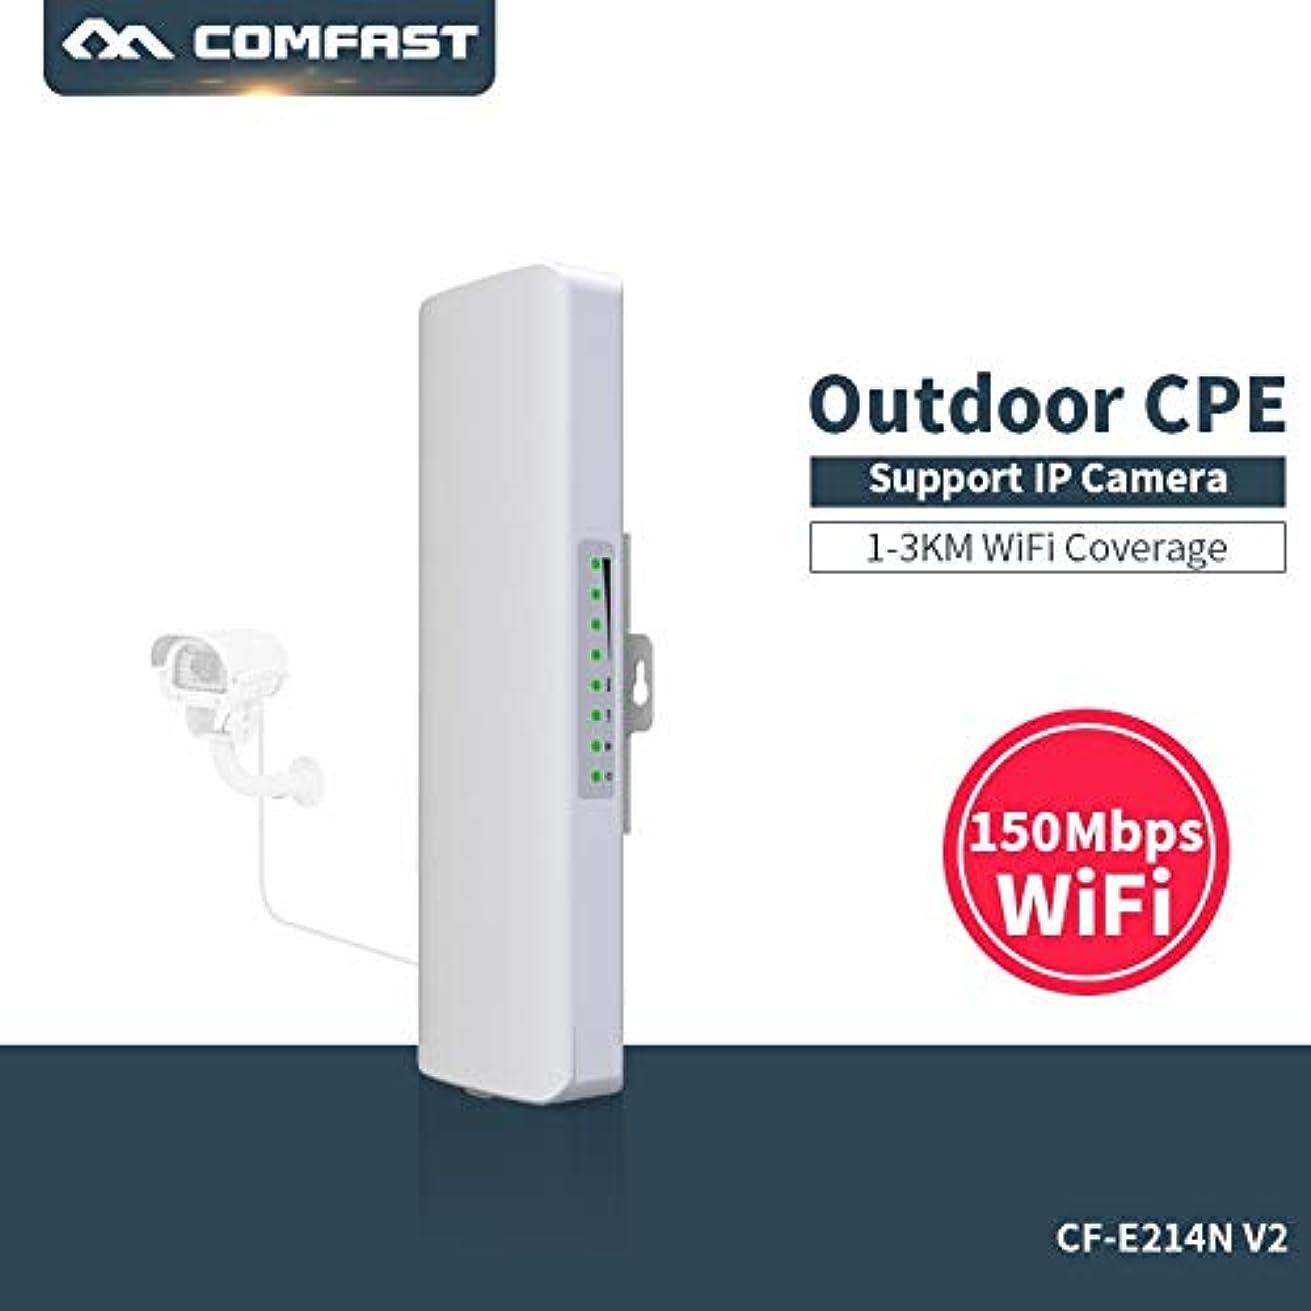 必要ないよろめく未知のComfast CF-E214N 3KM 2.4GHz 屋外CPE ワイヤレスWiFiリピータ 150Mbps エクステンダルータAPアクセスポイントWi-Fiブリッジ(48V POEアダプタ付き)